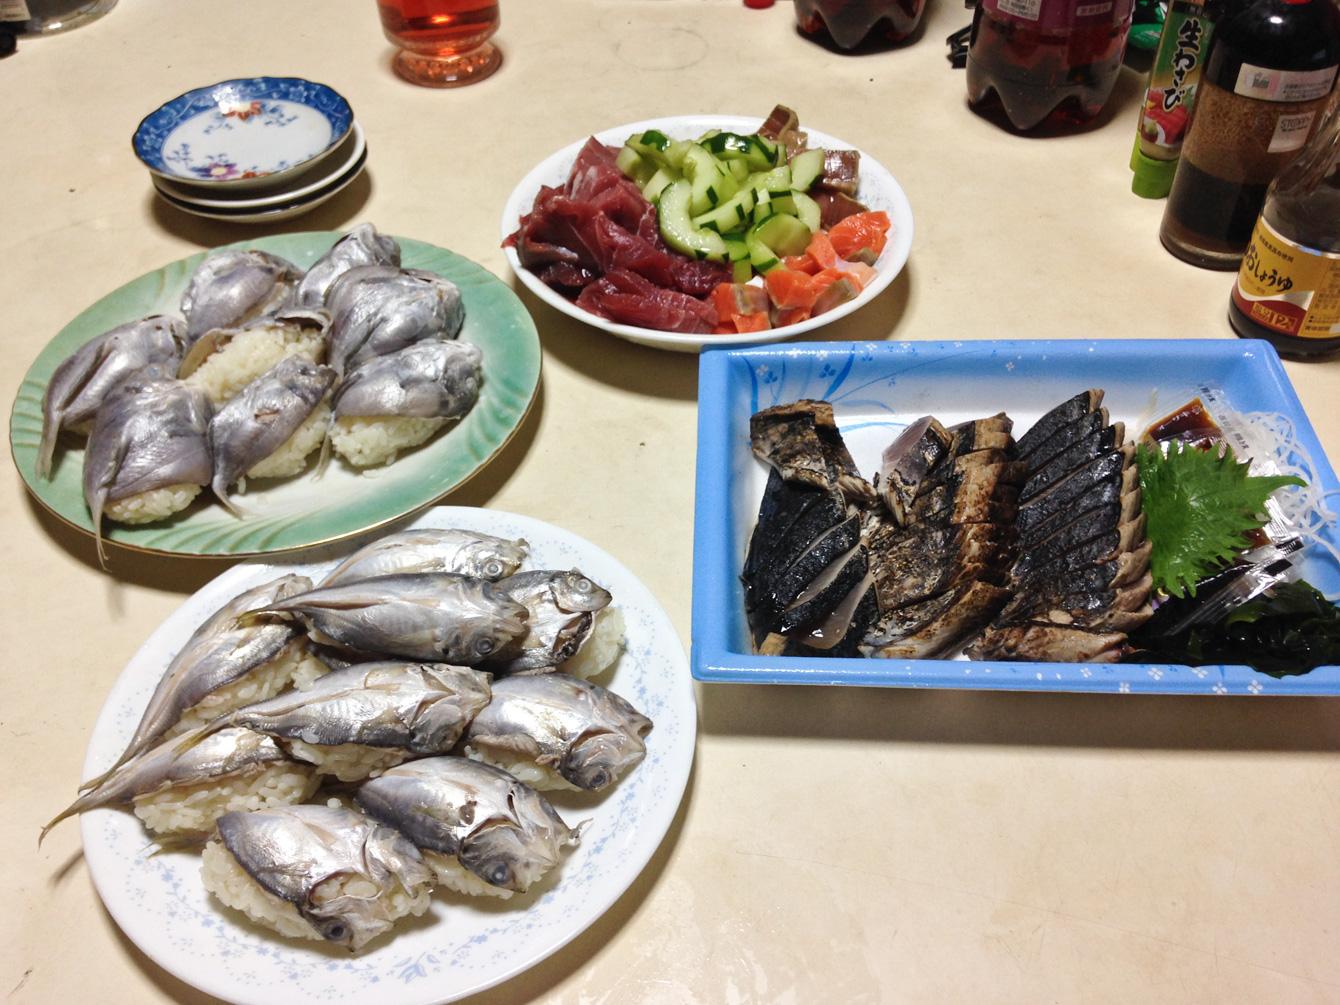 左上がボウゼ寿司。いつも行くたびに、山の人にとってご馳走の魚を用意してくれる。